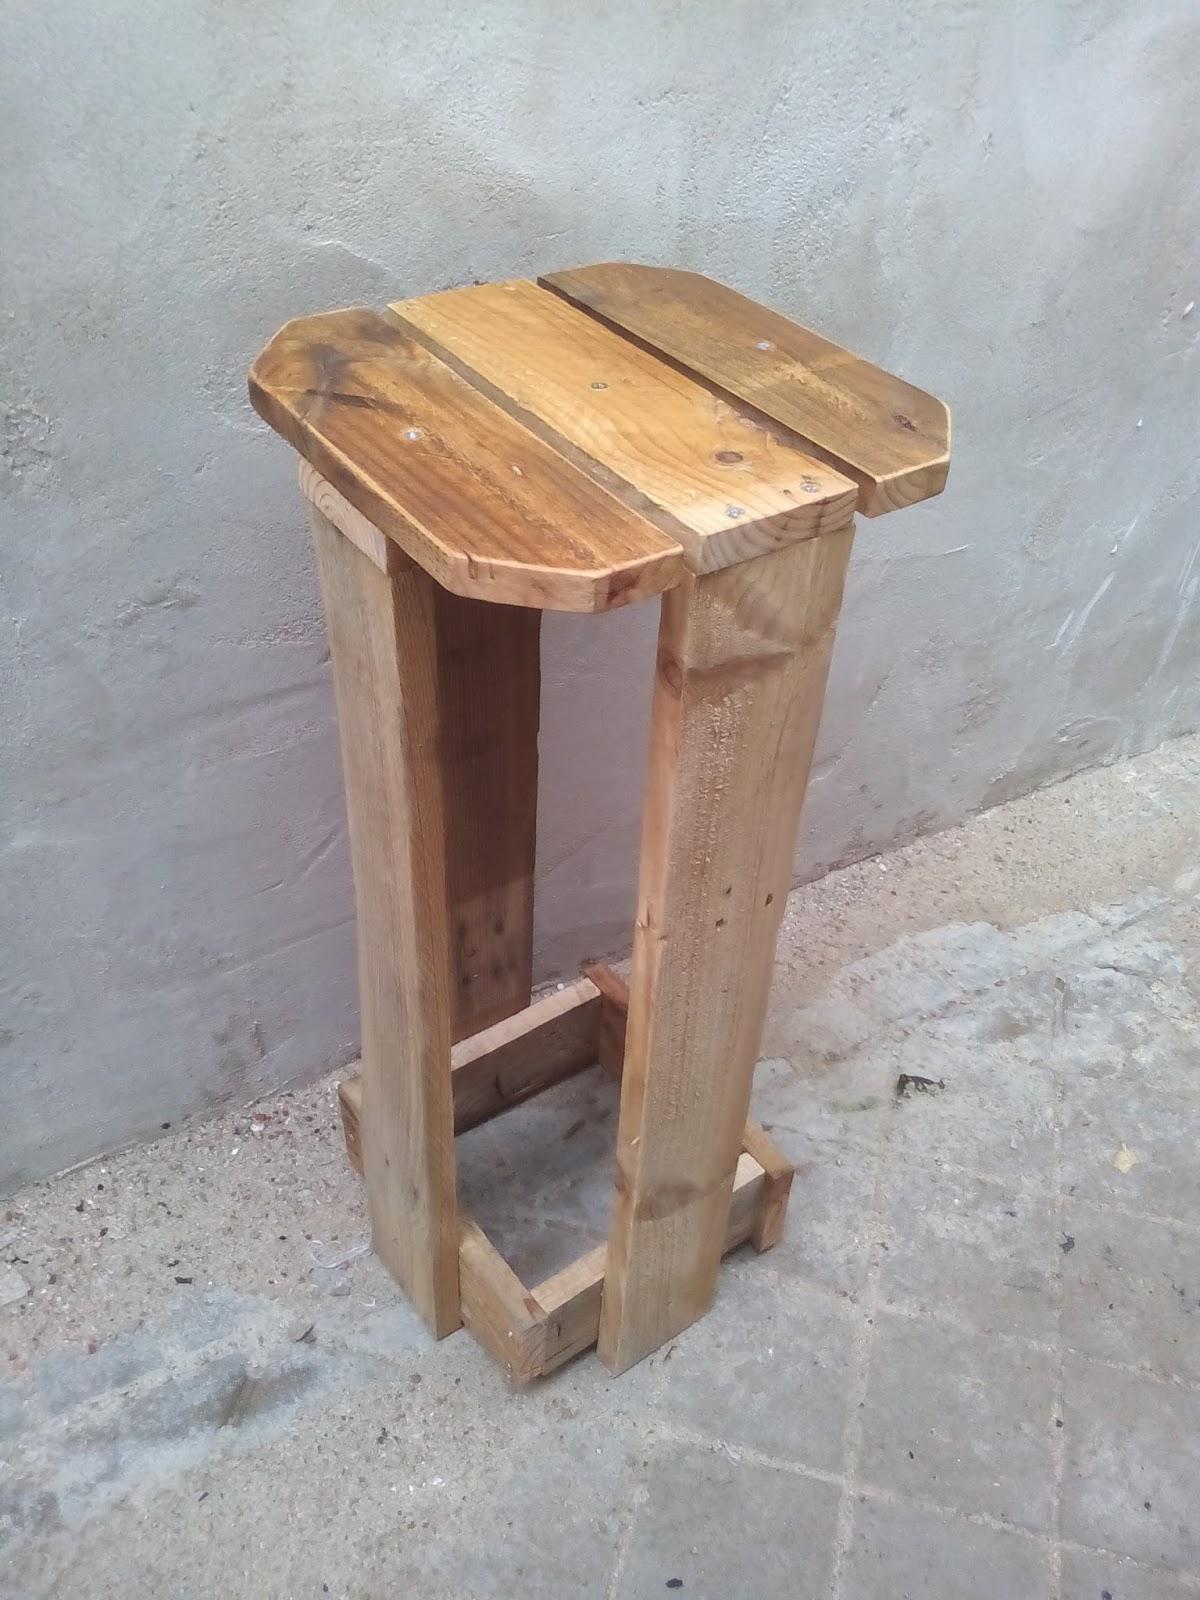 Supermanitas como hacer taburete con madera de pal s for Taburetes de madera